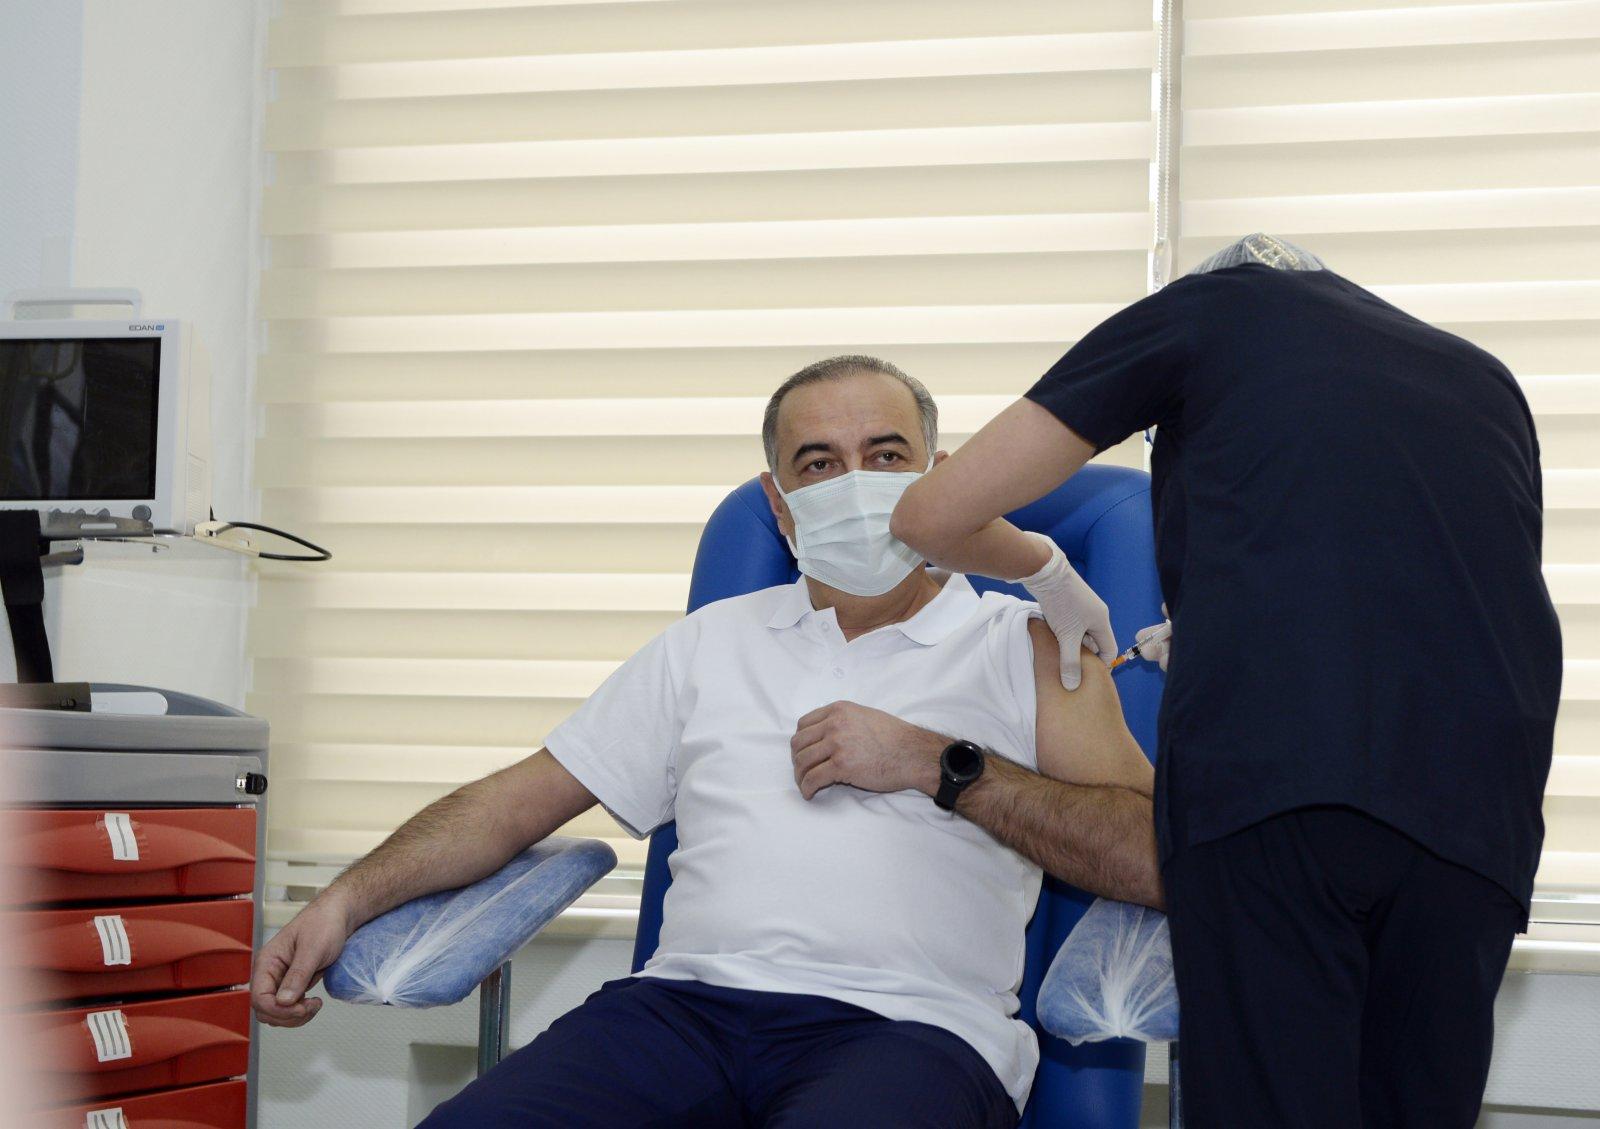 1月18日,在阿塞拜疆首都巴庫,一名醫務人員接種中國科興公司生產的新冠疫苗。(新華社)